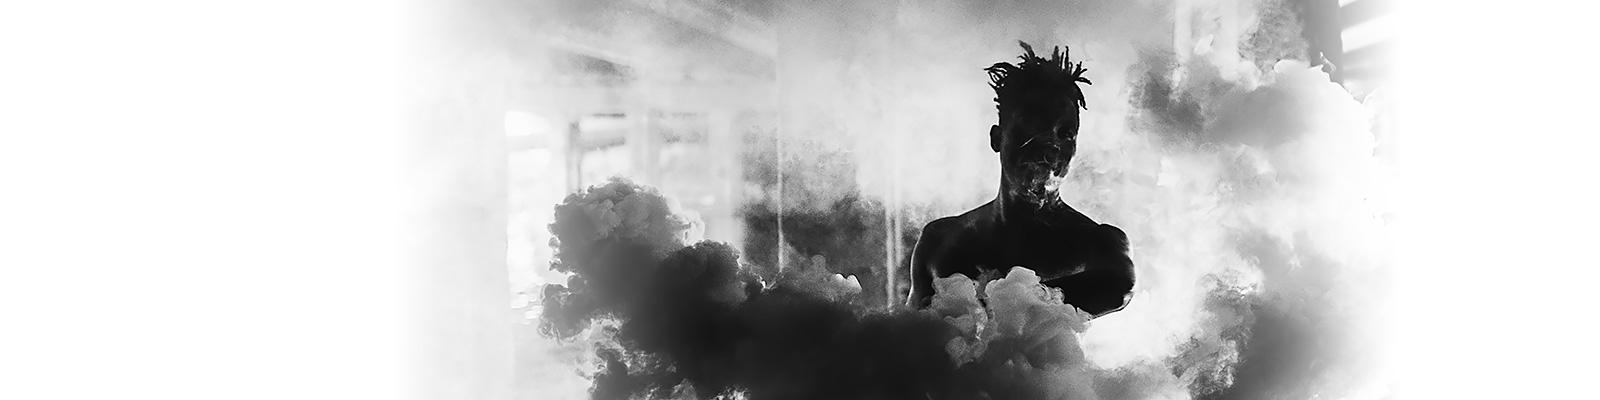 エントロピー 煙 天性 イメージ